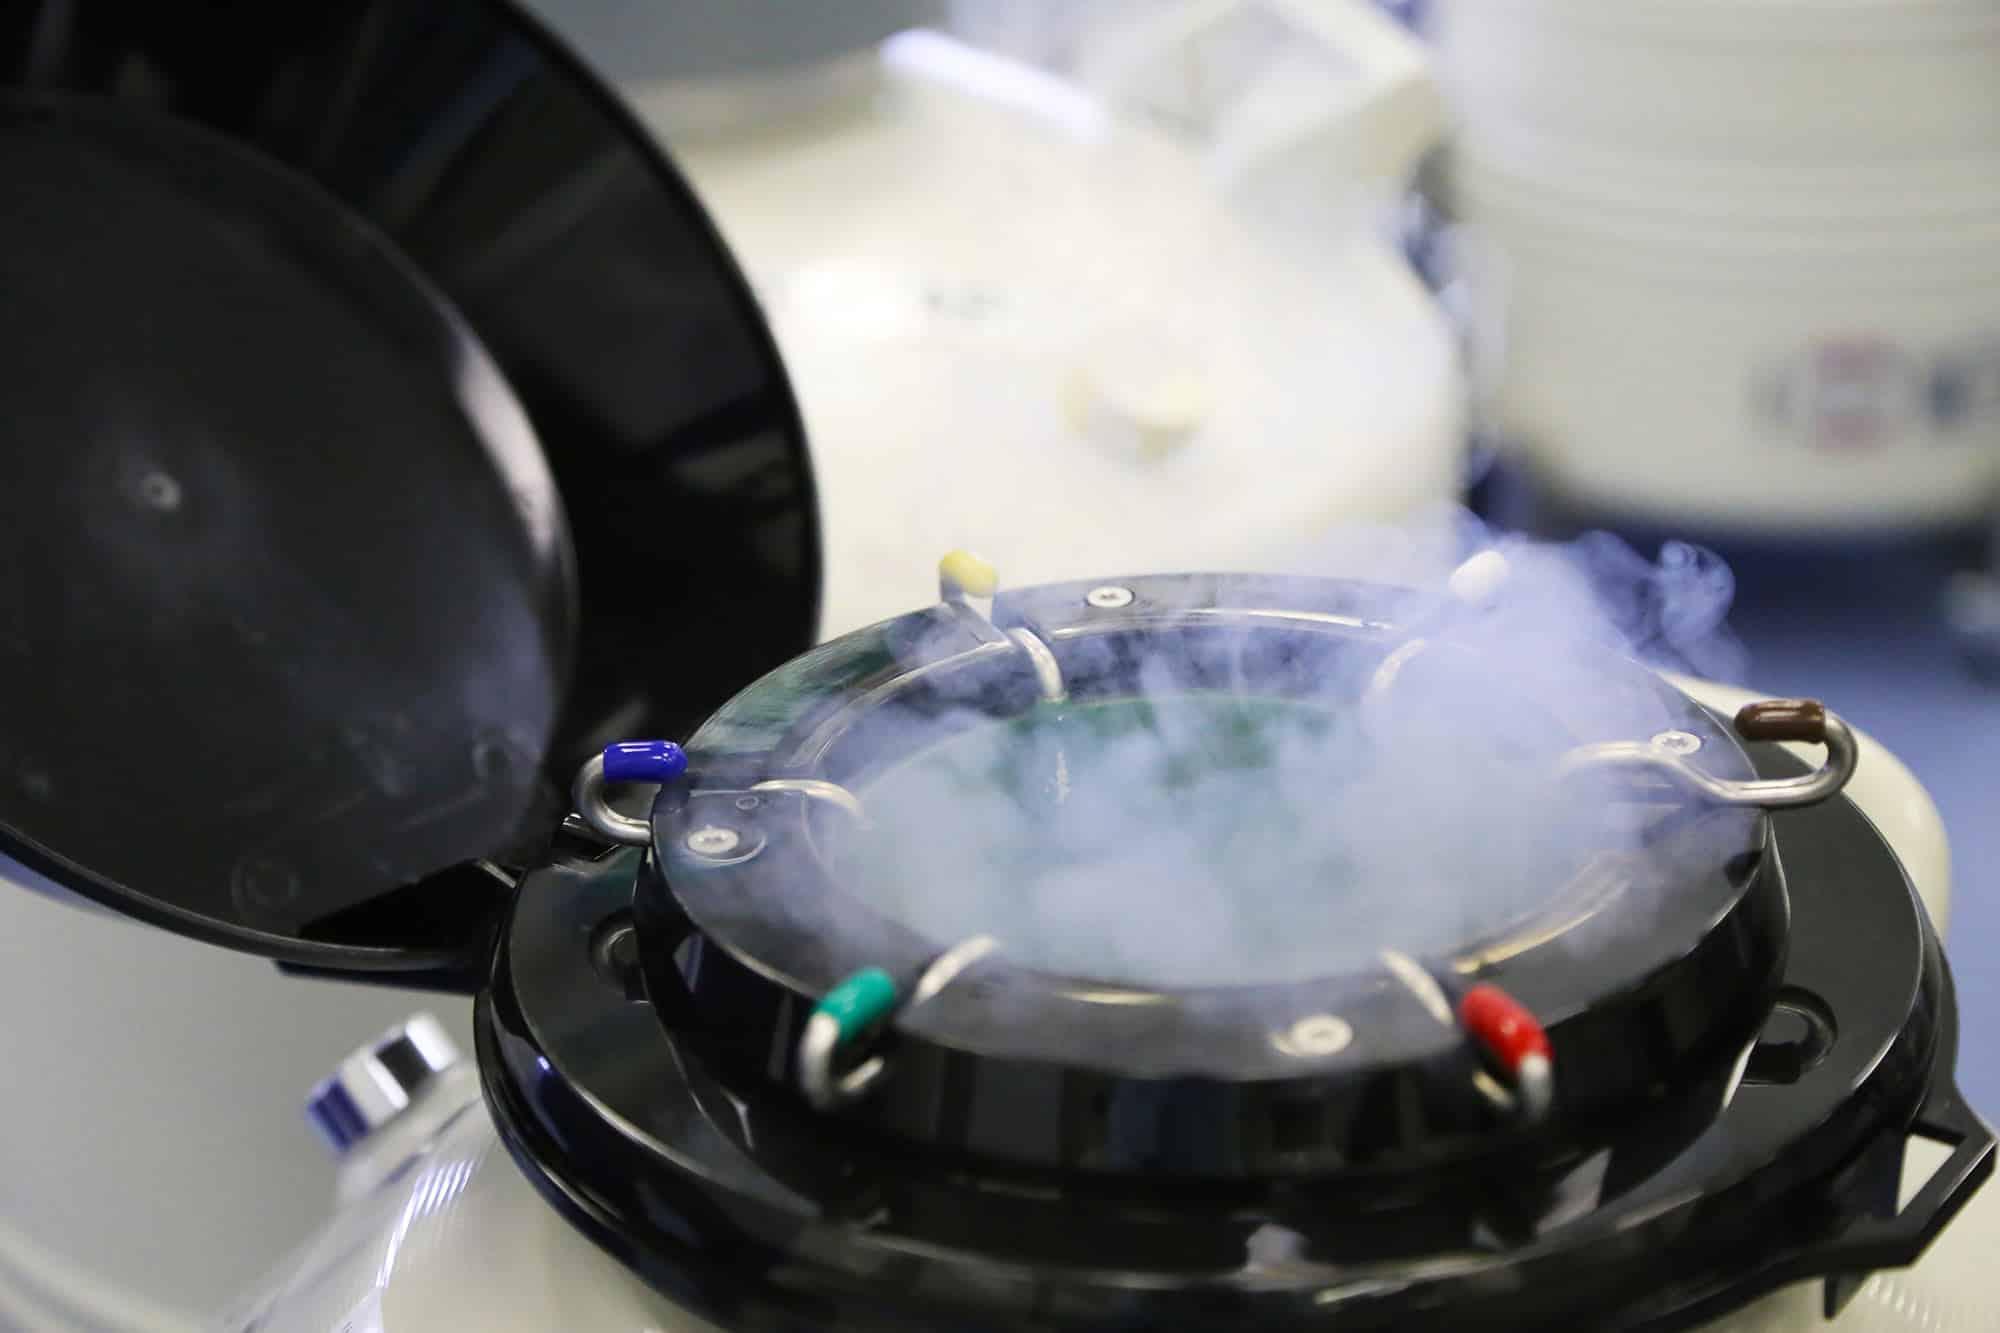 fertilitetssjekk-fertilitetssjekk oslo-fertilitetsklinikk-fertilitetsklinik oslo-fertilitetstest menn-fertilitetstest kvinner-fertilitetssenteret-ivf-assistert befruktnin